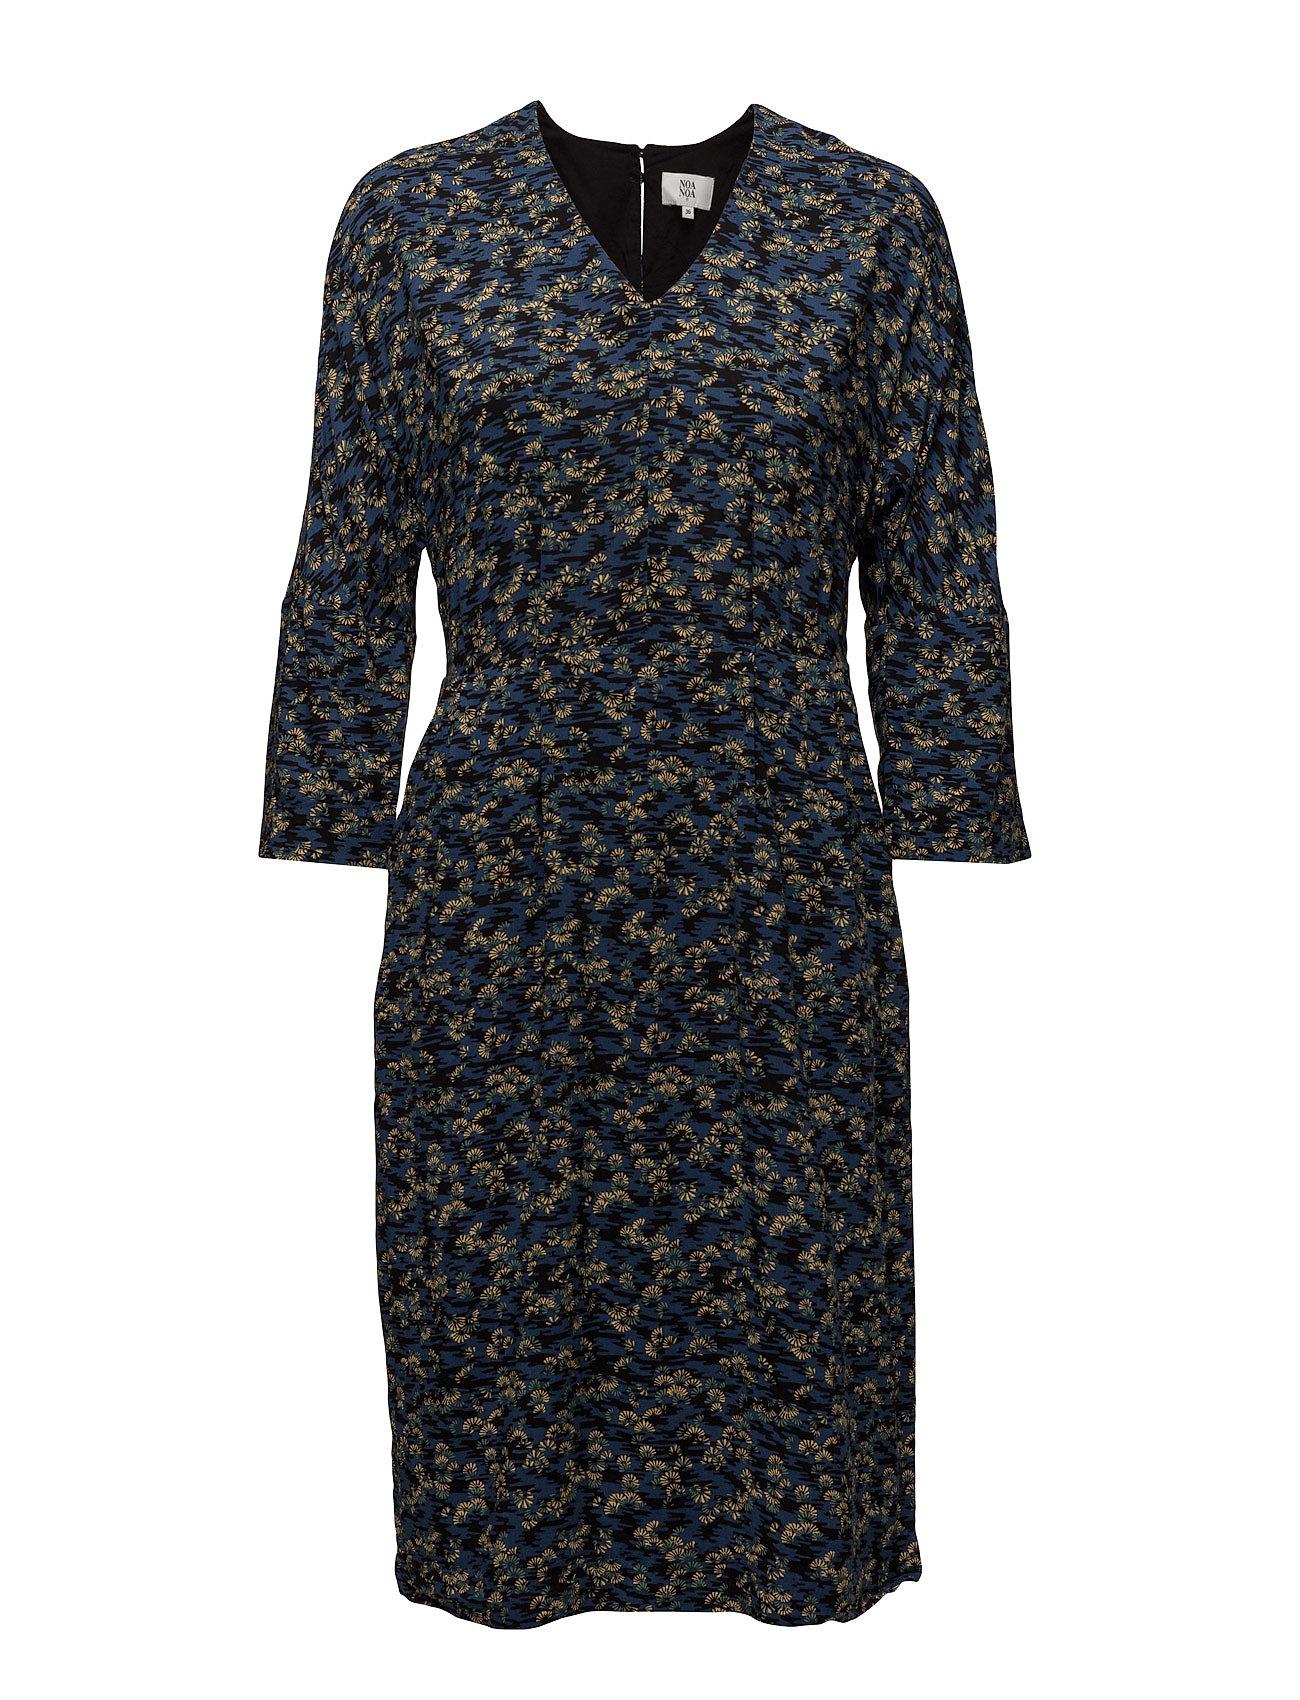 Dress Long Sleeve Noa Noa Kjoler til Kvinder i Print Blå